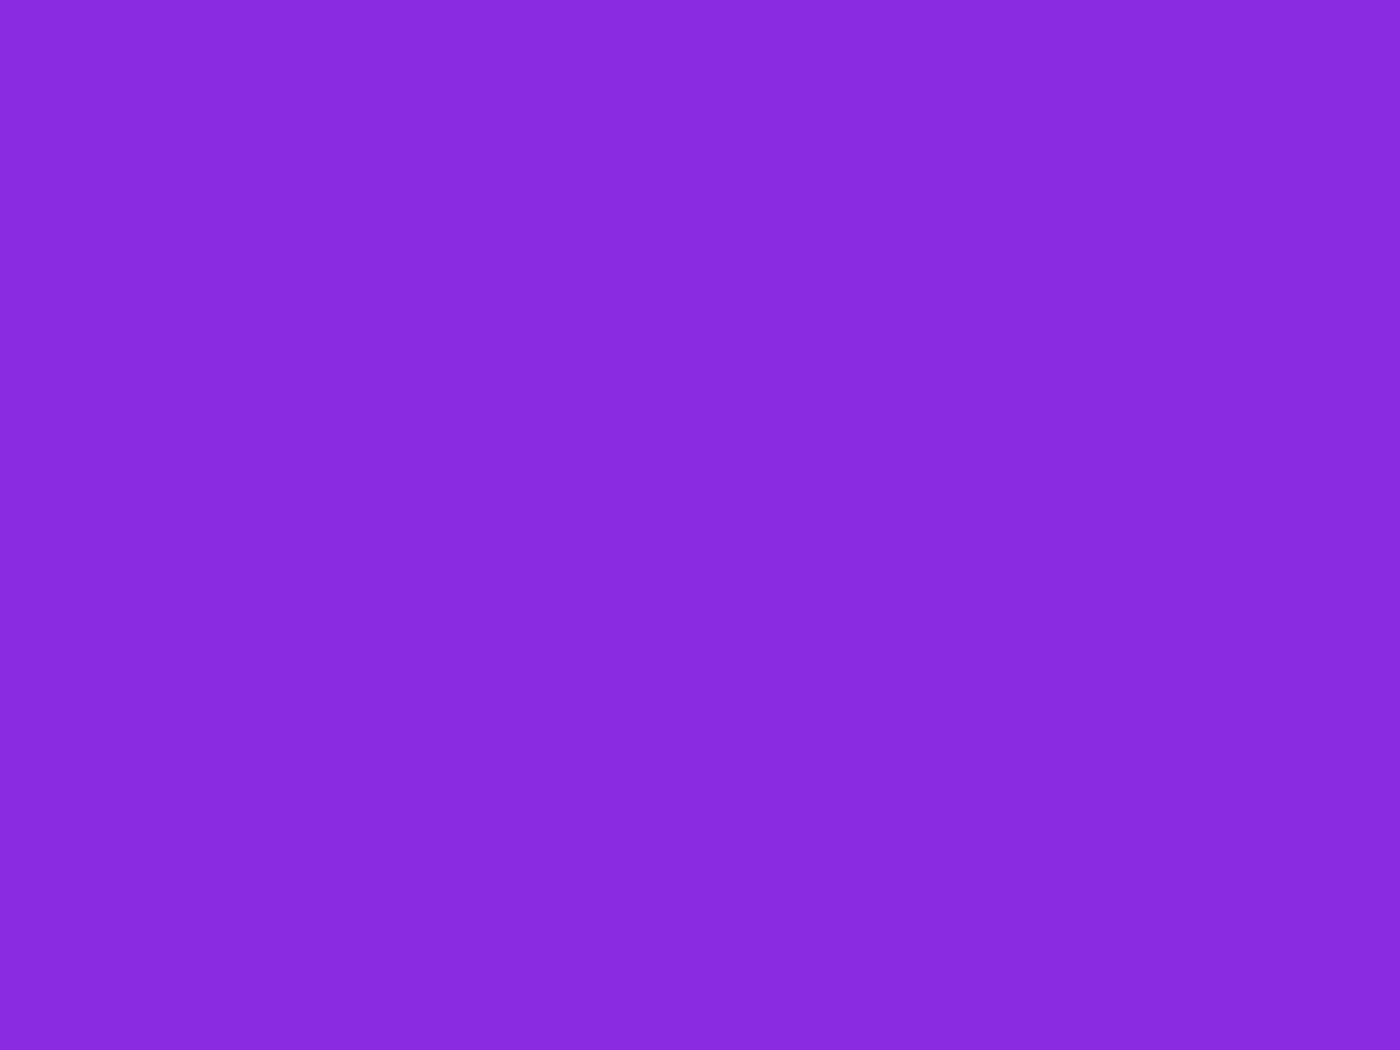 1400x1050 Blue-violet Solid Color Background